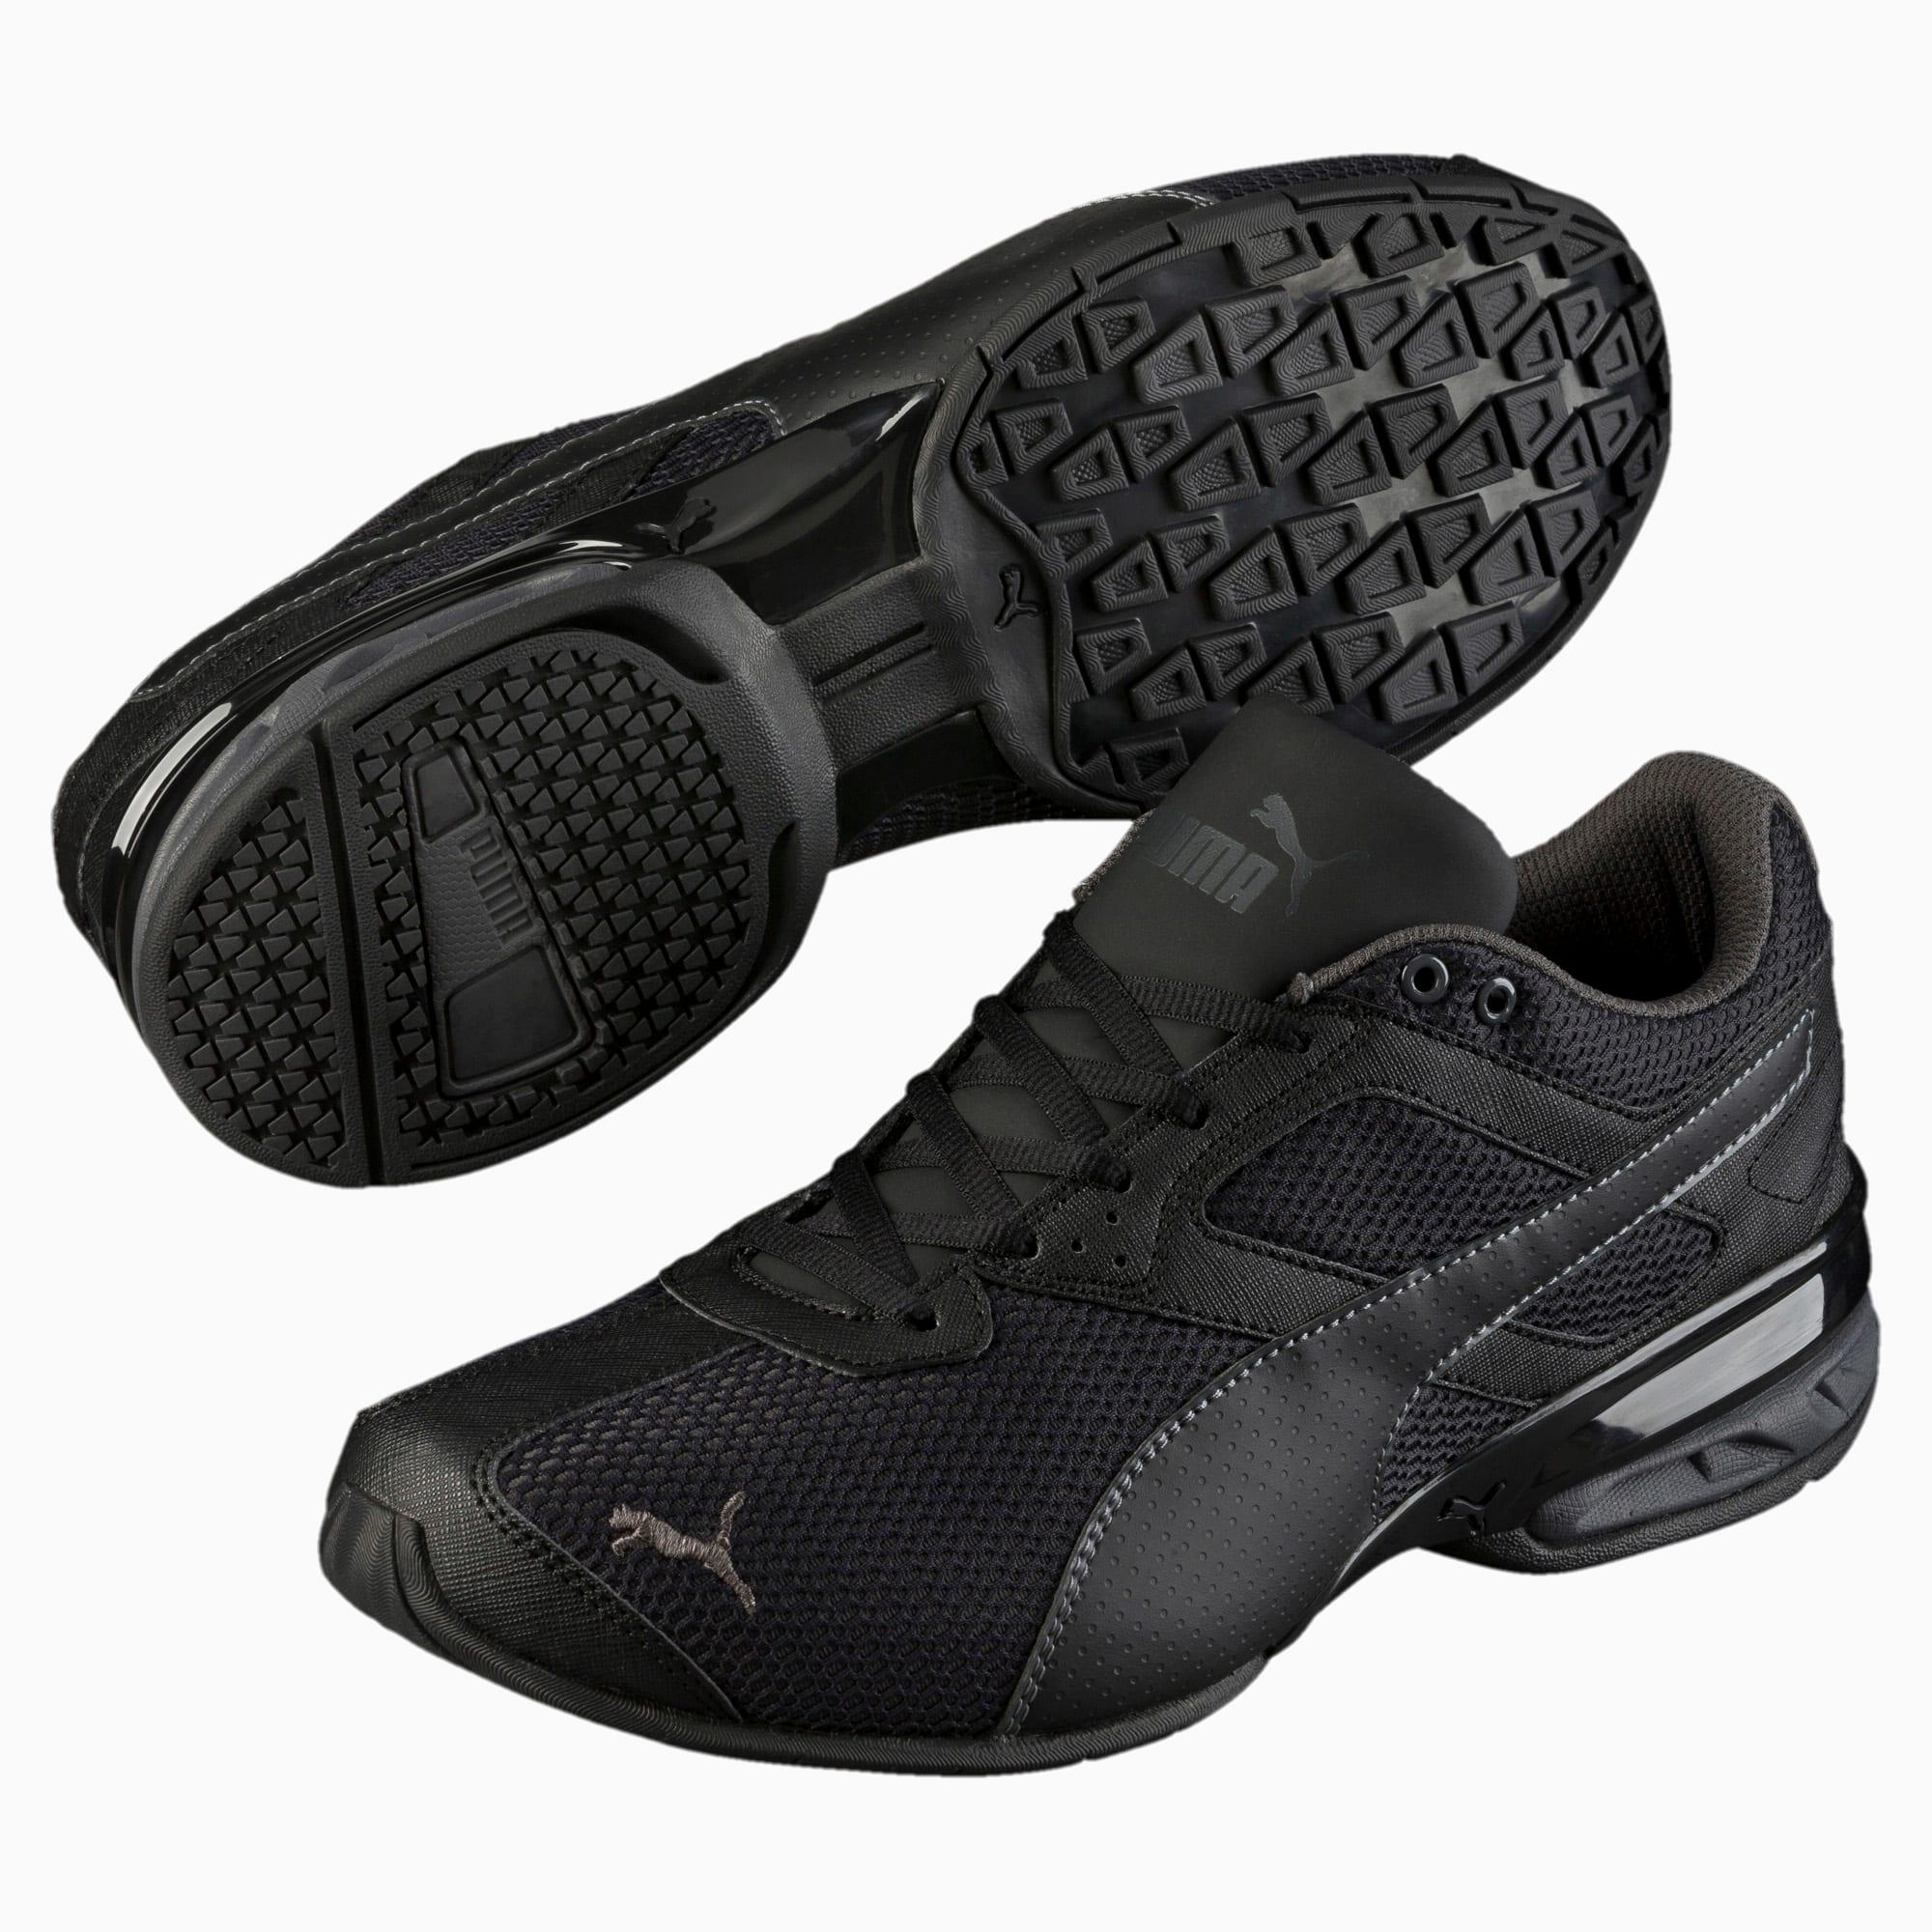 Tazon 6 Mesh Herren Sneaker | Puma Black Asphalt | PUMA